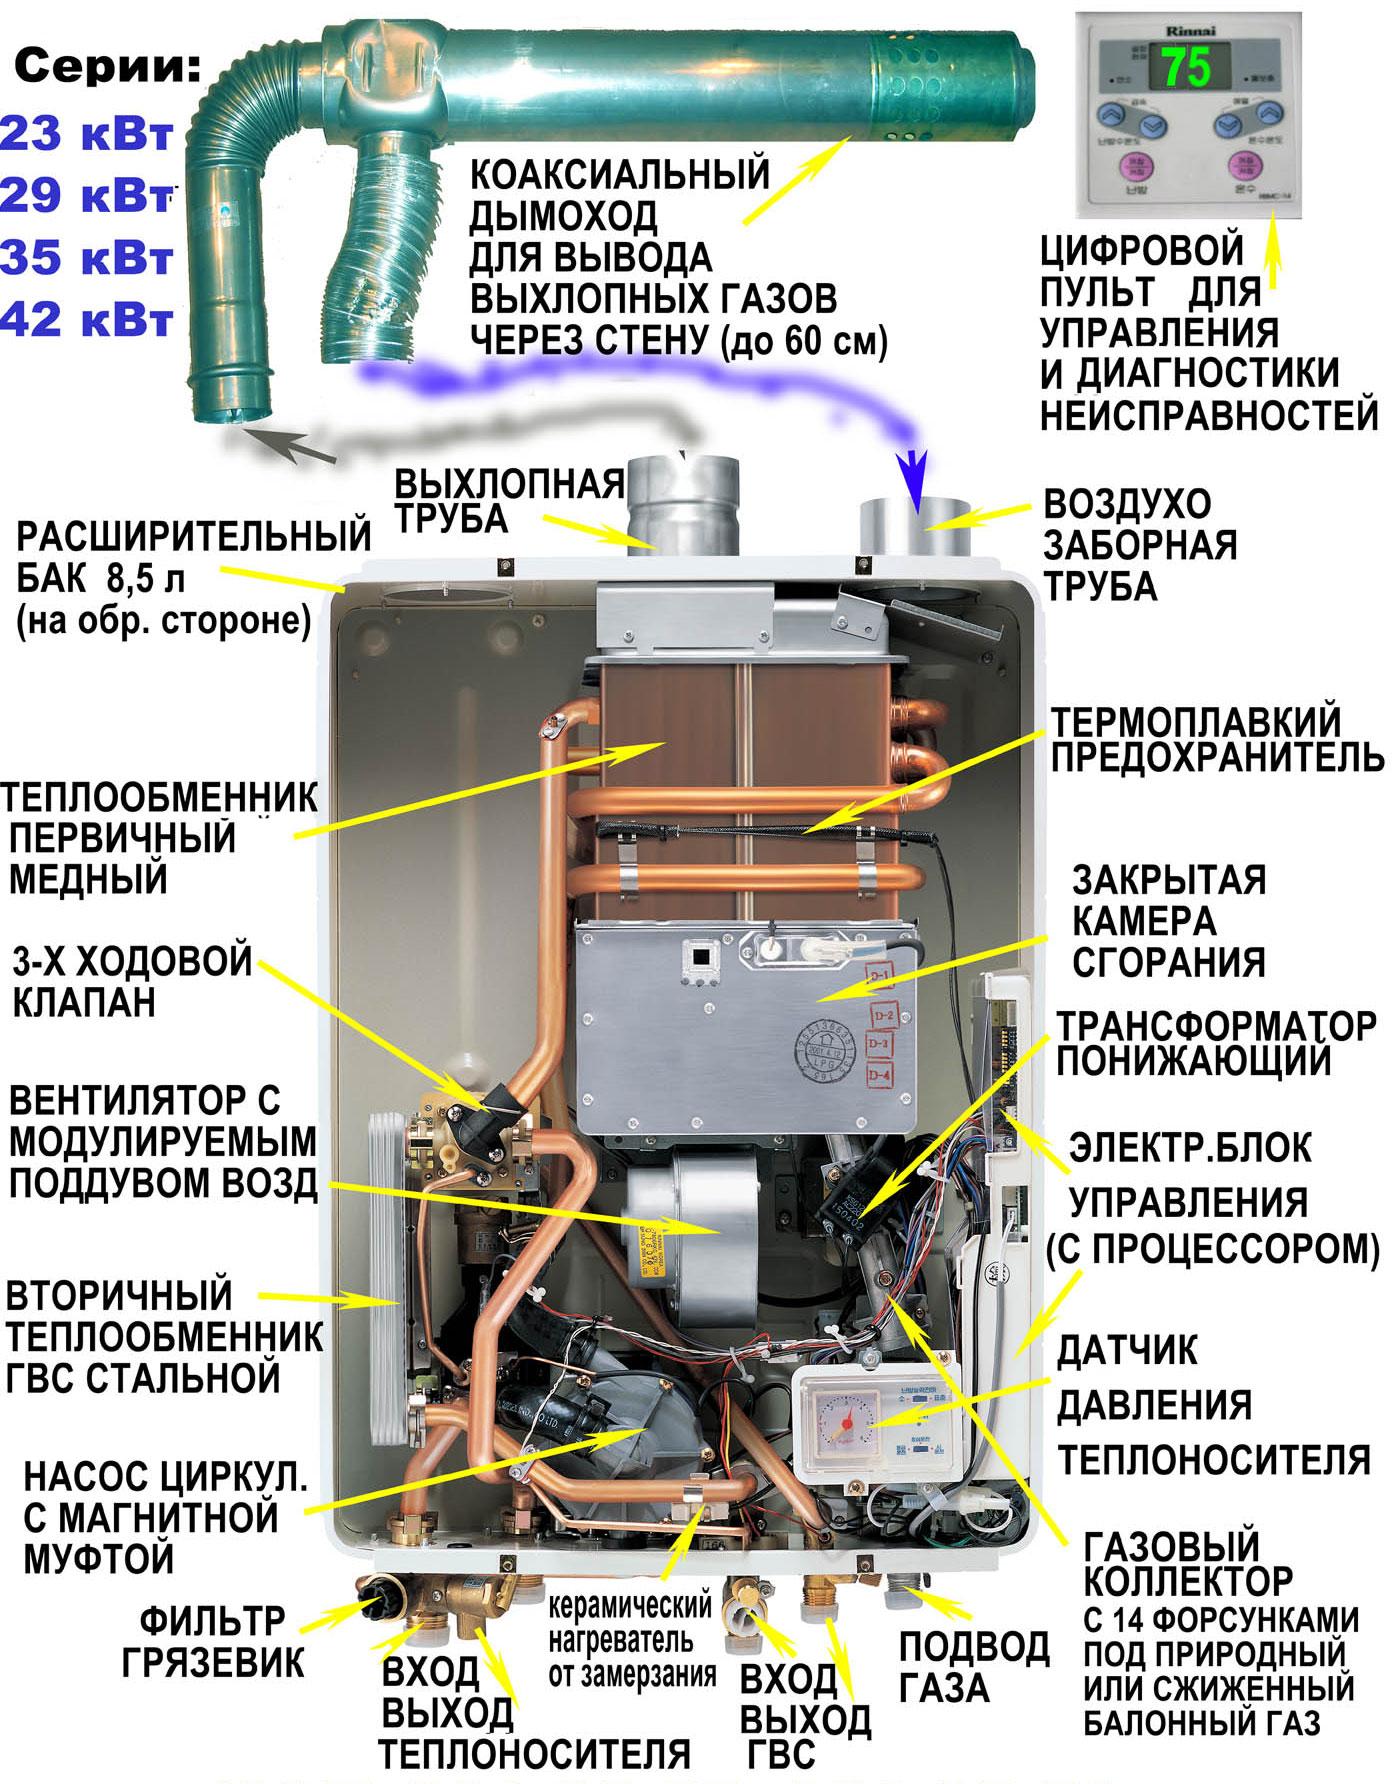 Двухконтурный газовый котел с закрытой камерой сгорания схема